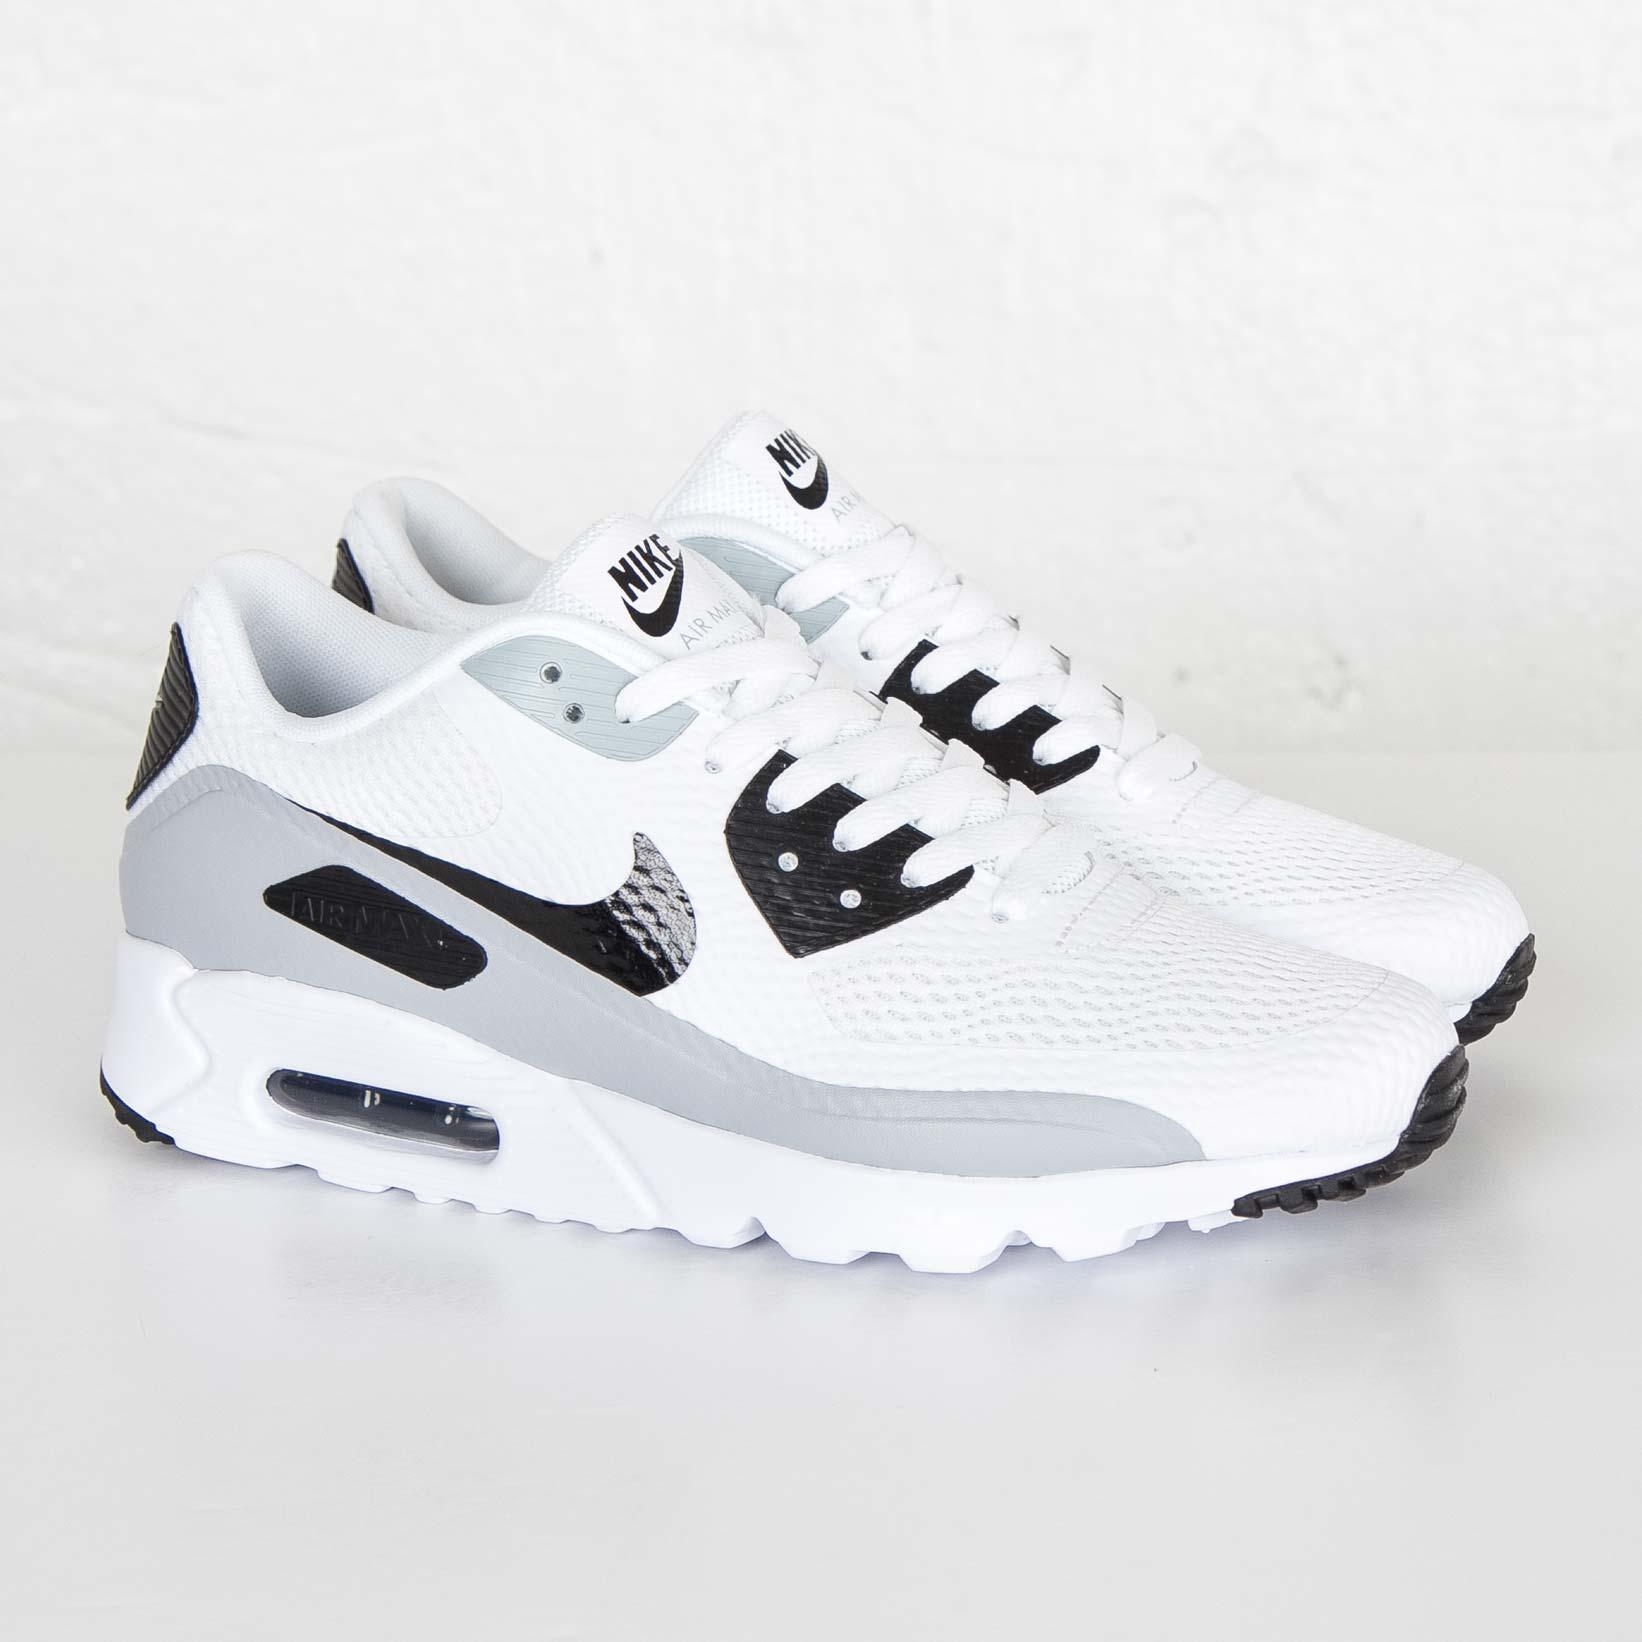 Nike Air Max 90 Essential - 819474-100 - Sneakersnstuff ...